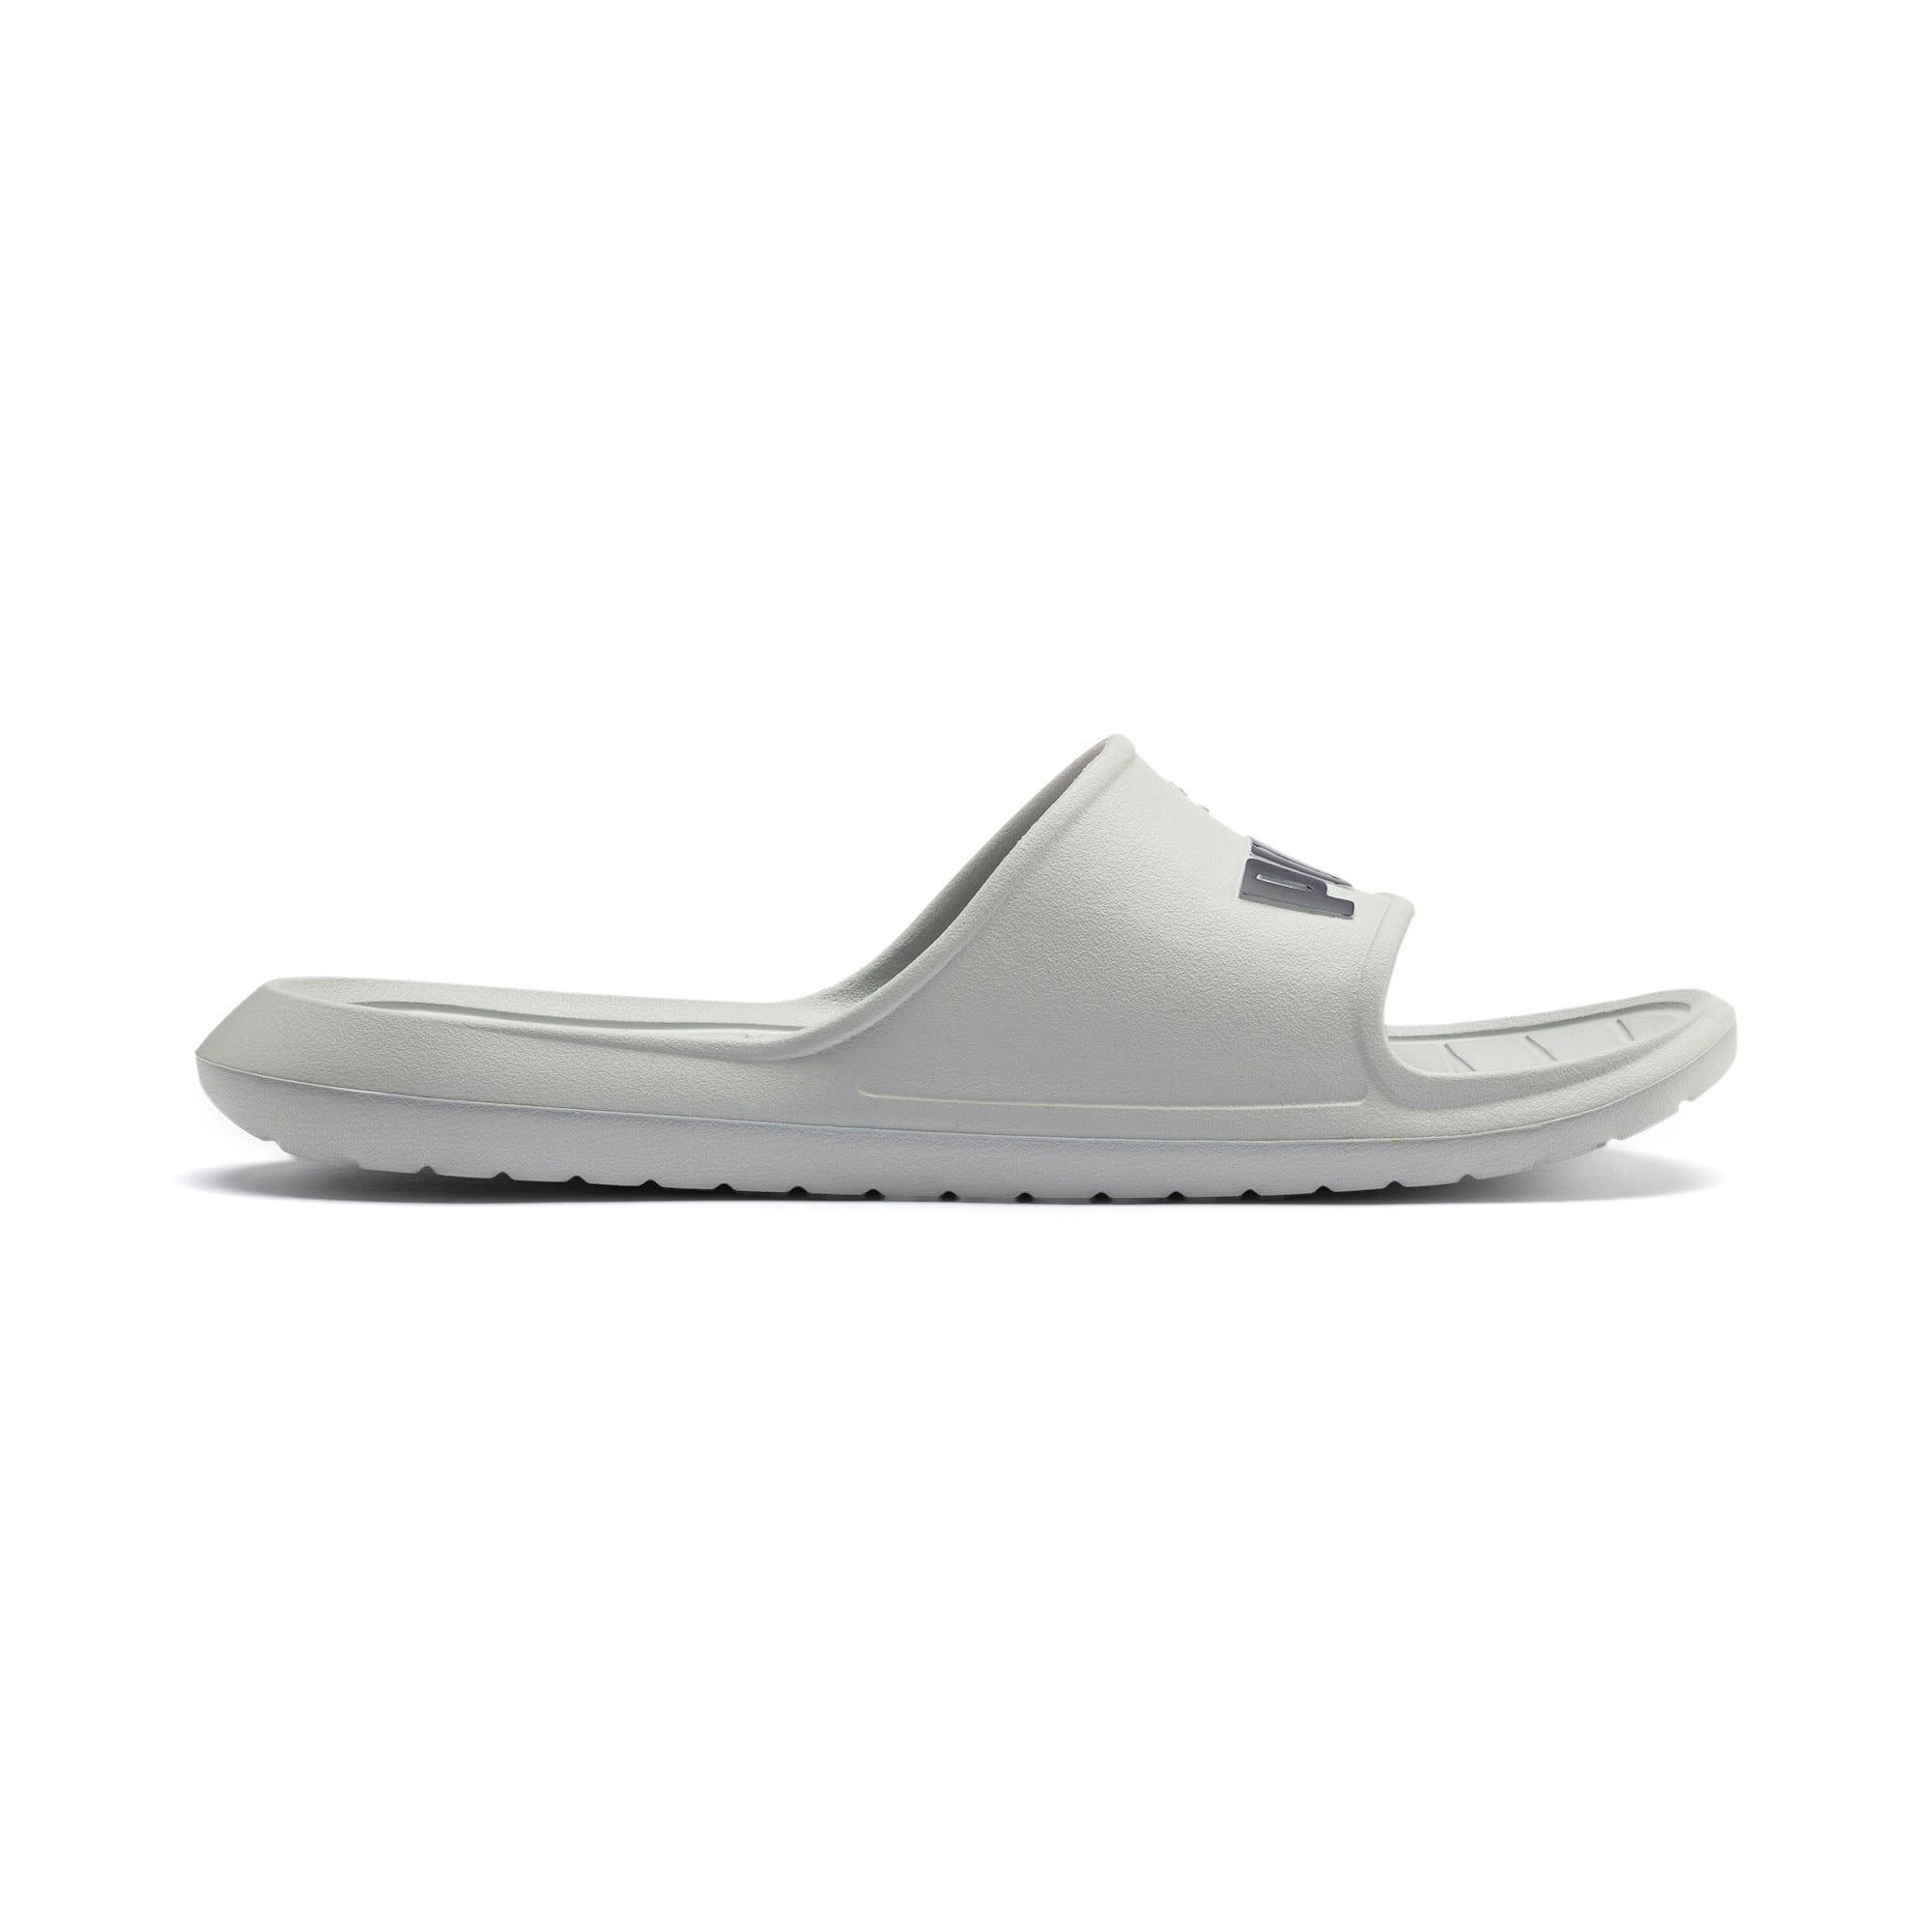 Thumbnail 5 of Divecat v2 Sandals, High Rise-Peacoat, medium-IND